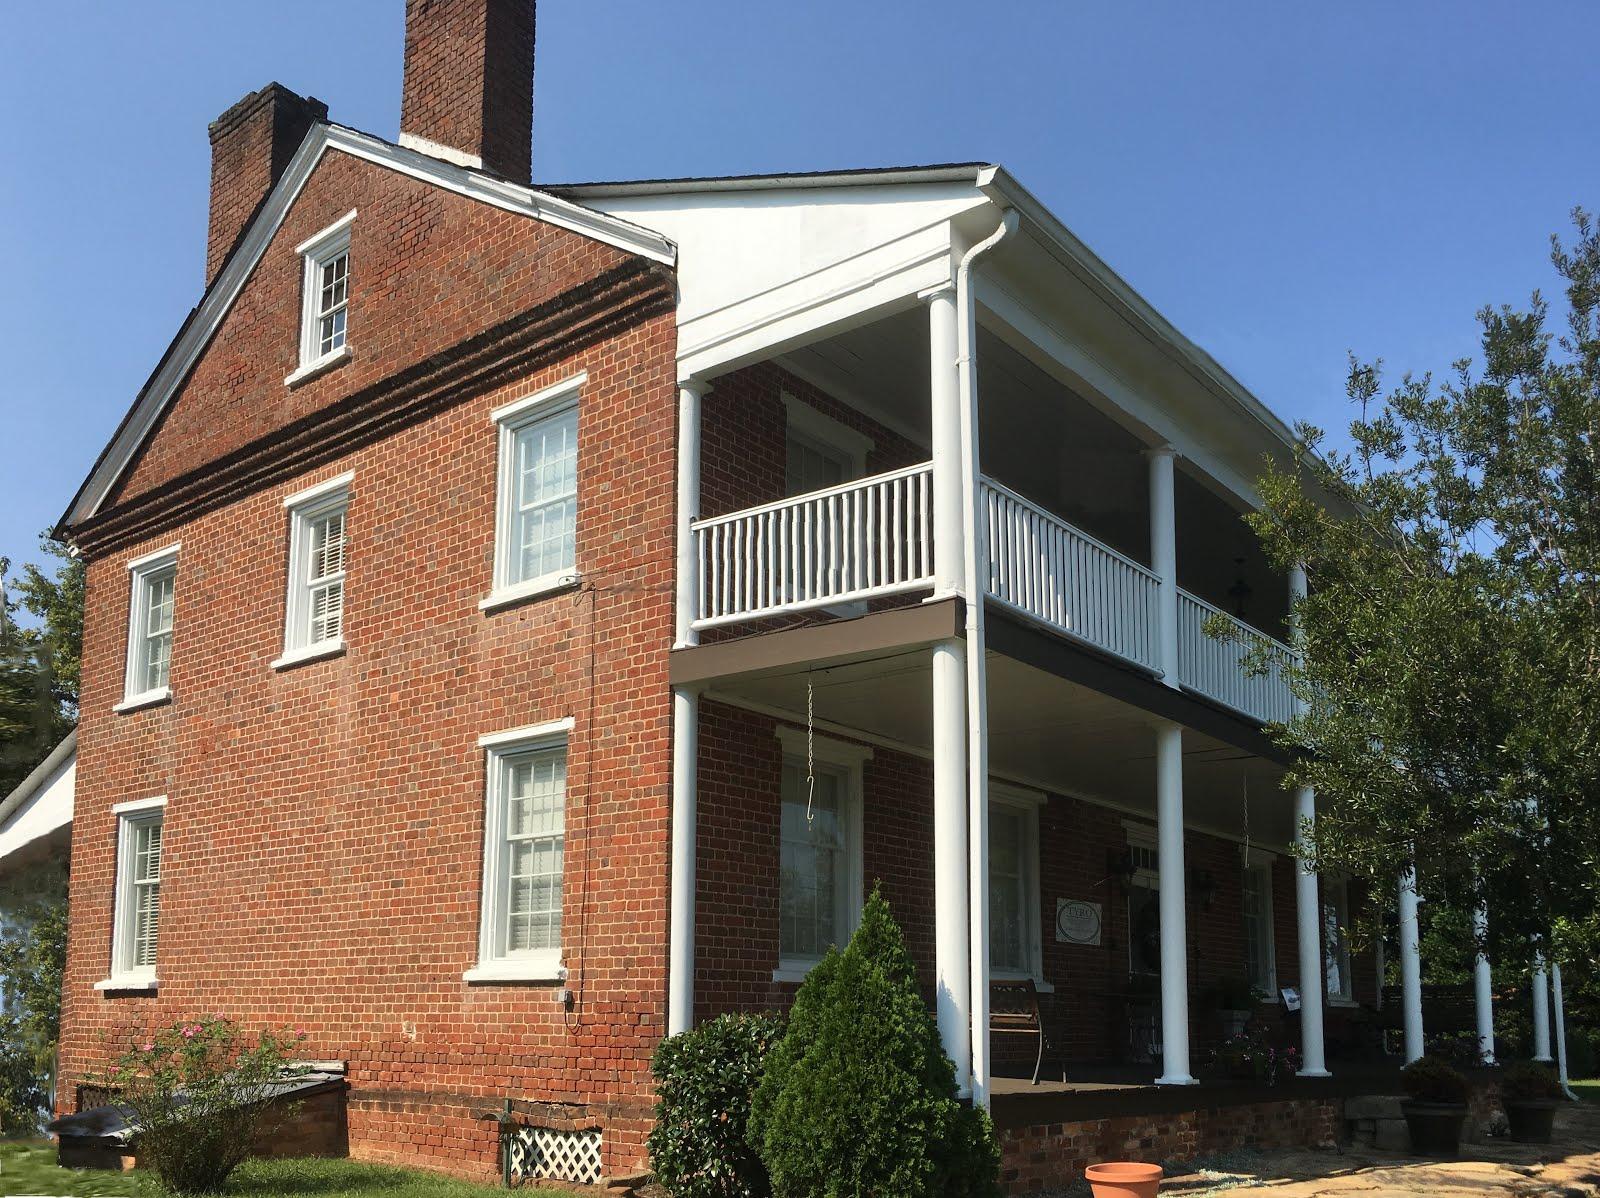 4654 S. NC-Hwy 150 Lexington, NC 27295 ~ circa 1840 ~ $250,000